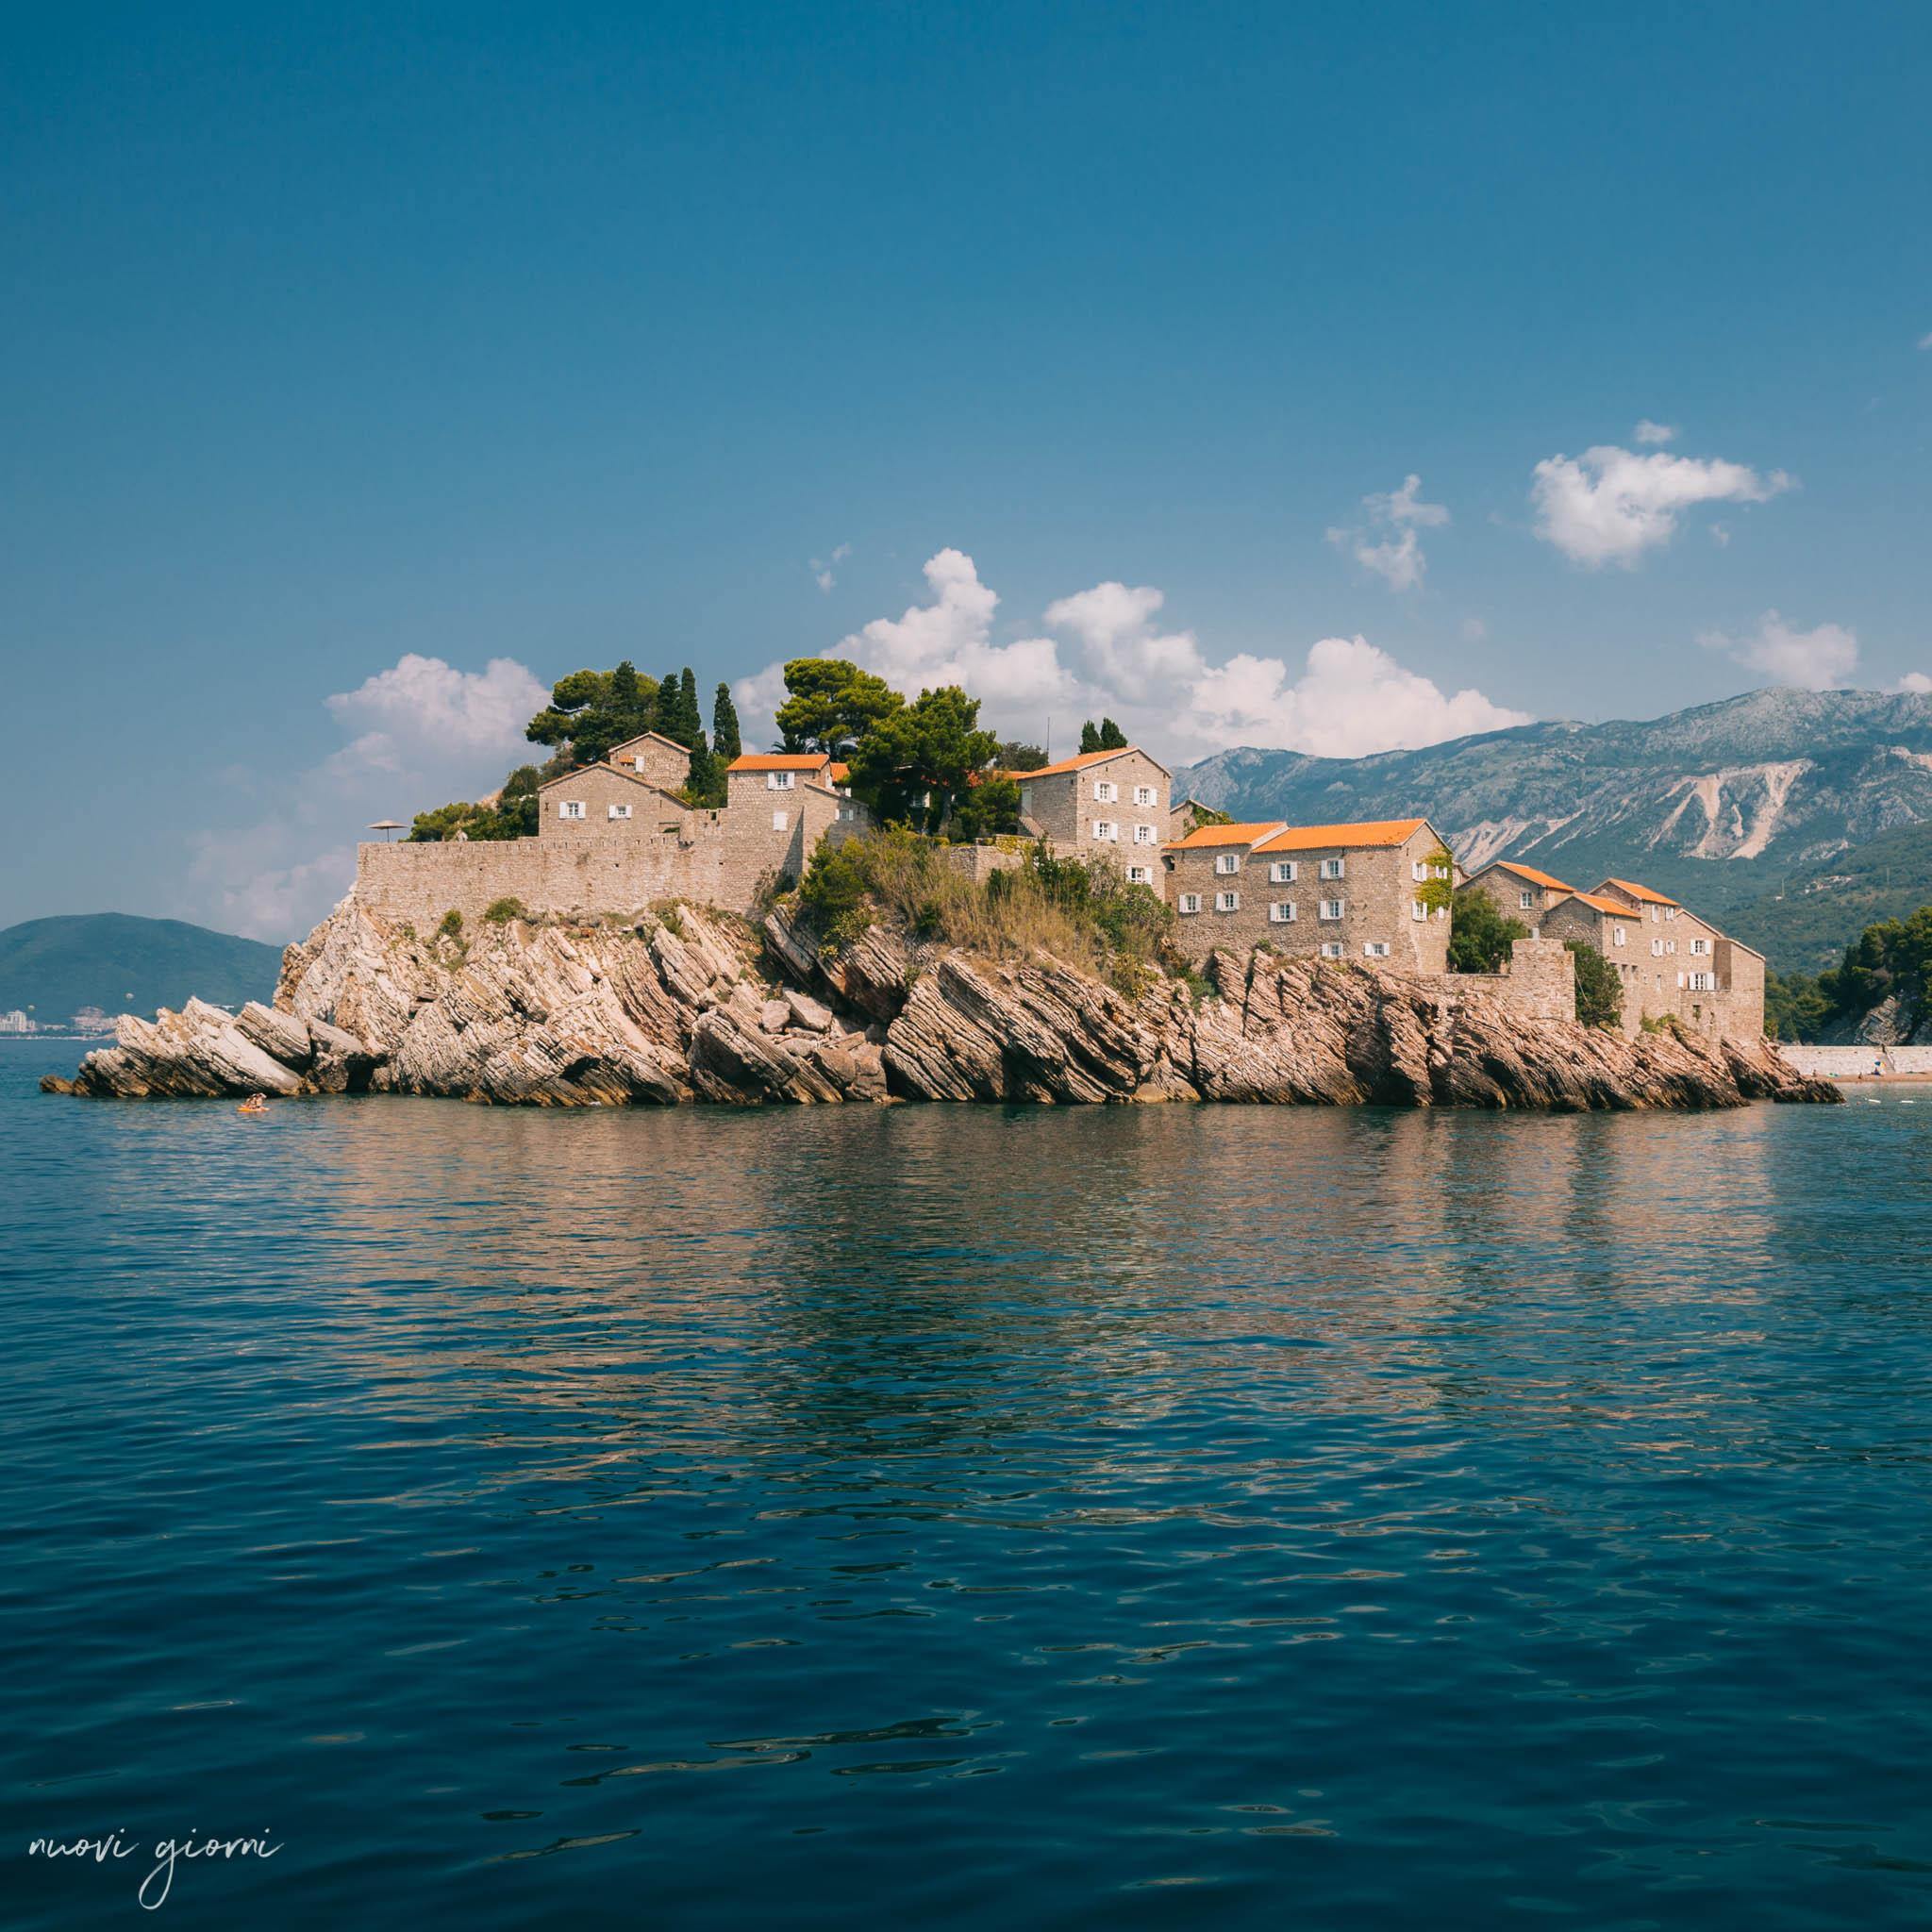 montenegro vacanza caicco gulet cruise nuovi giorni blog 60